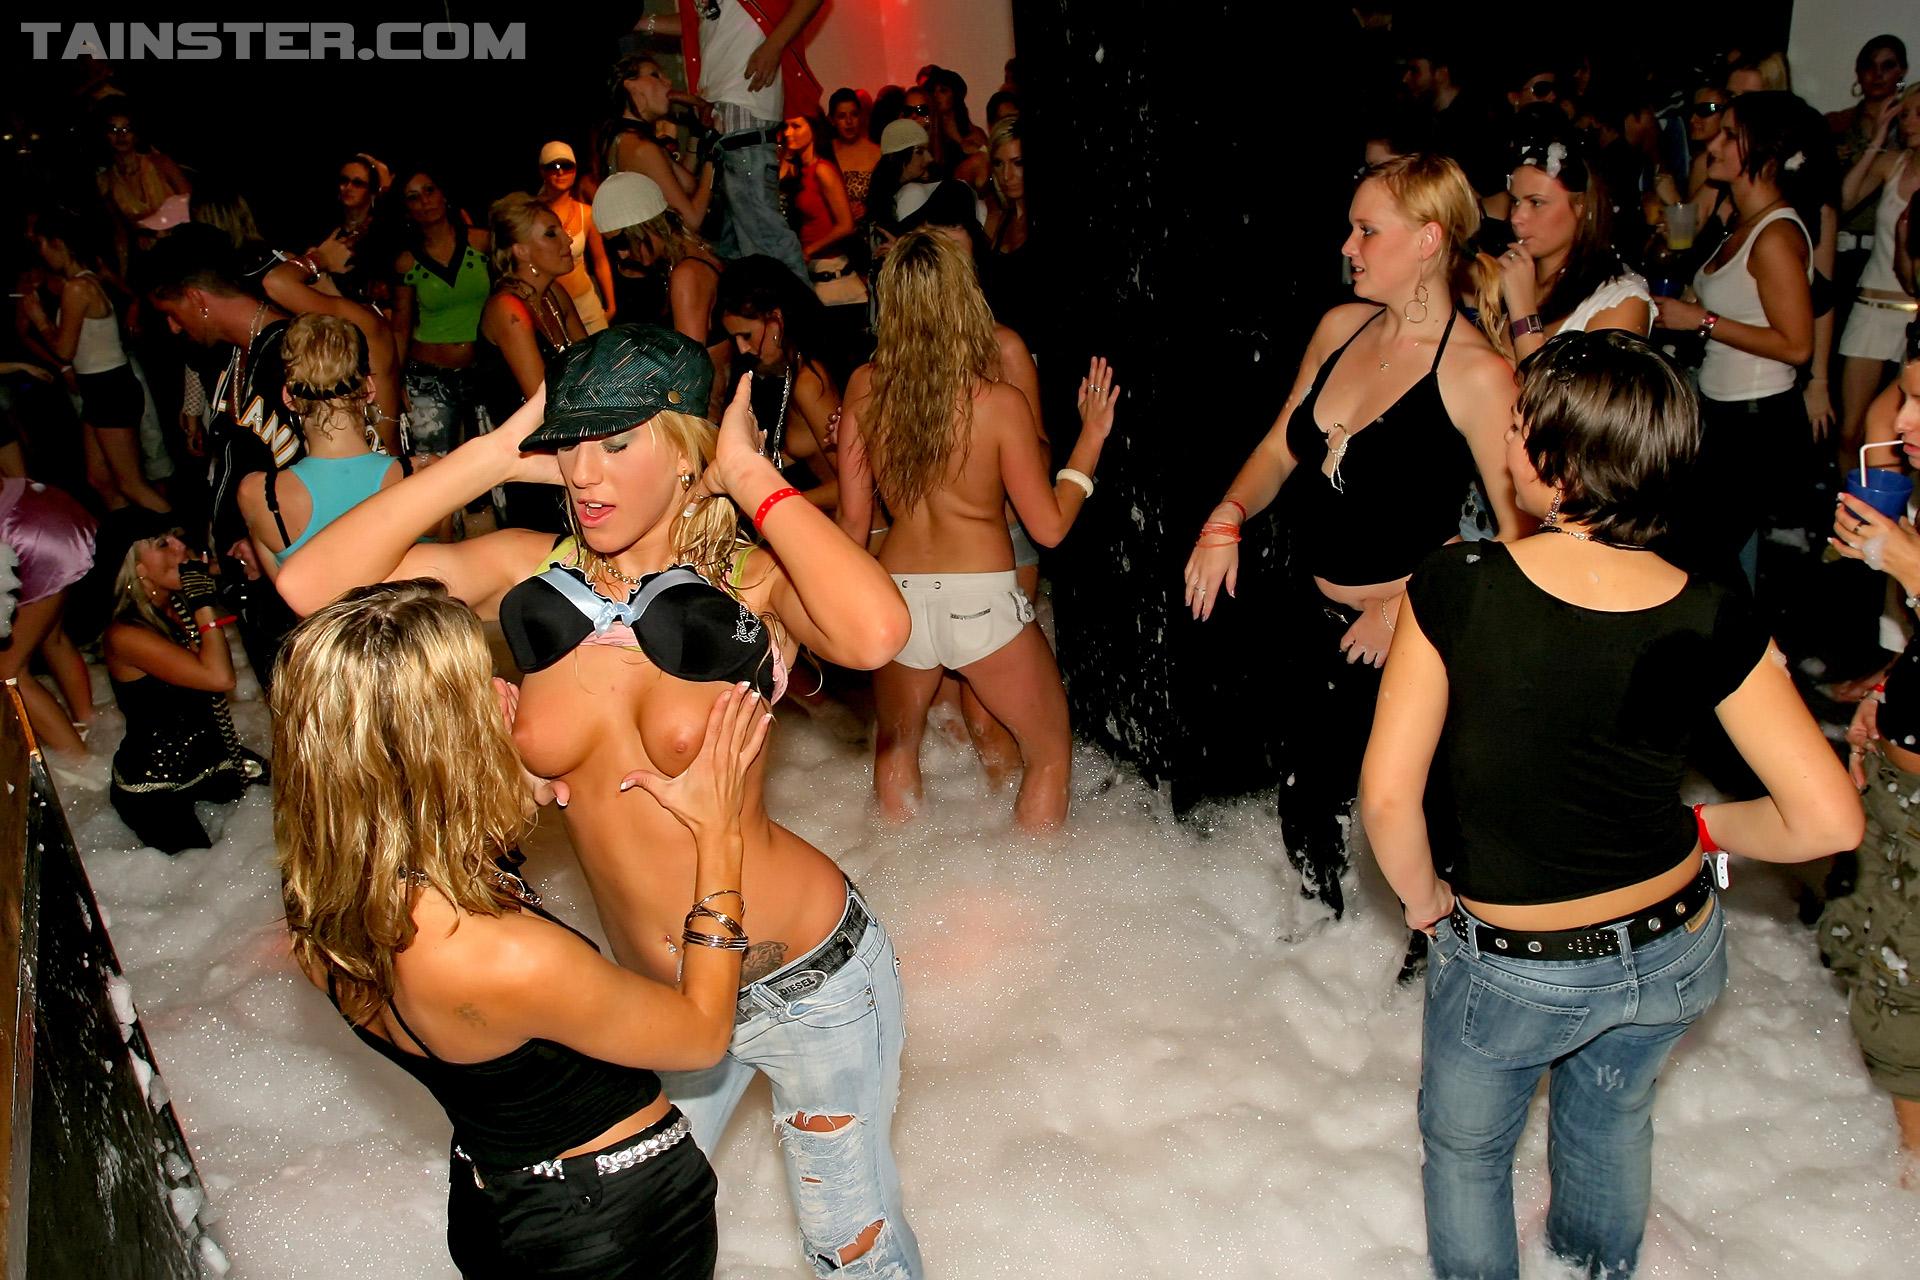 Свинг клубы вечеринки видео всего сайта